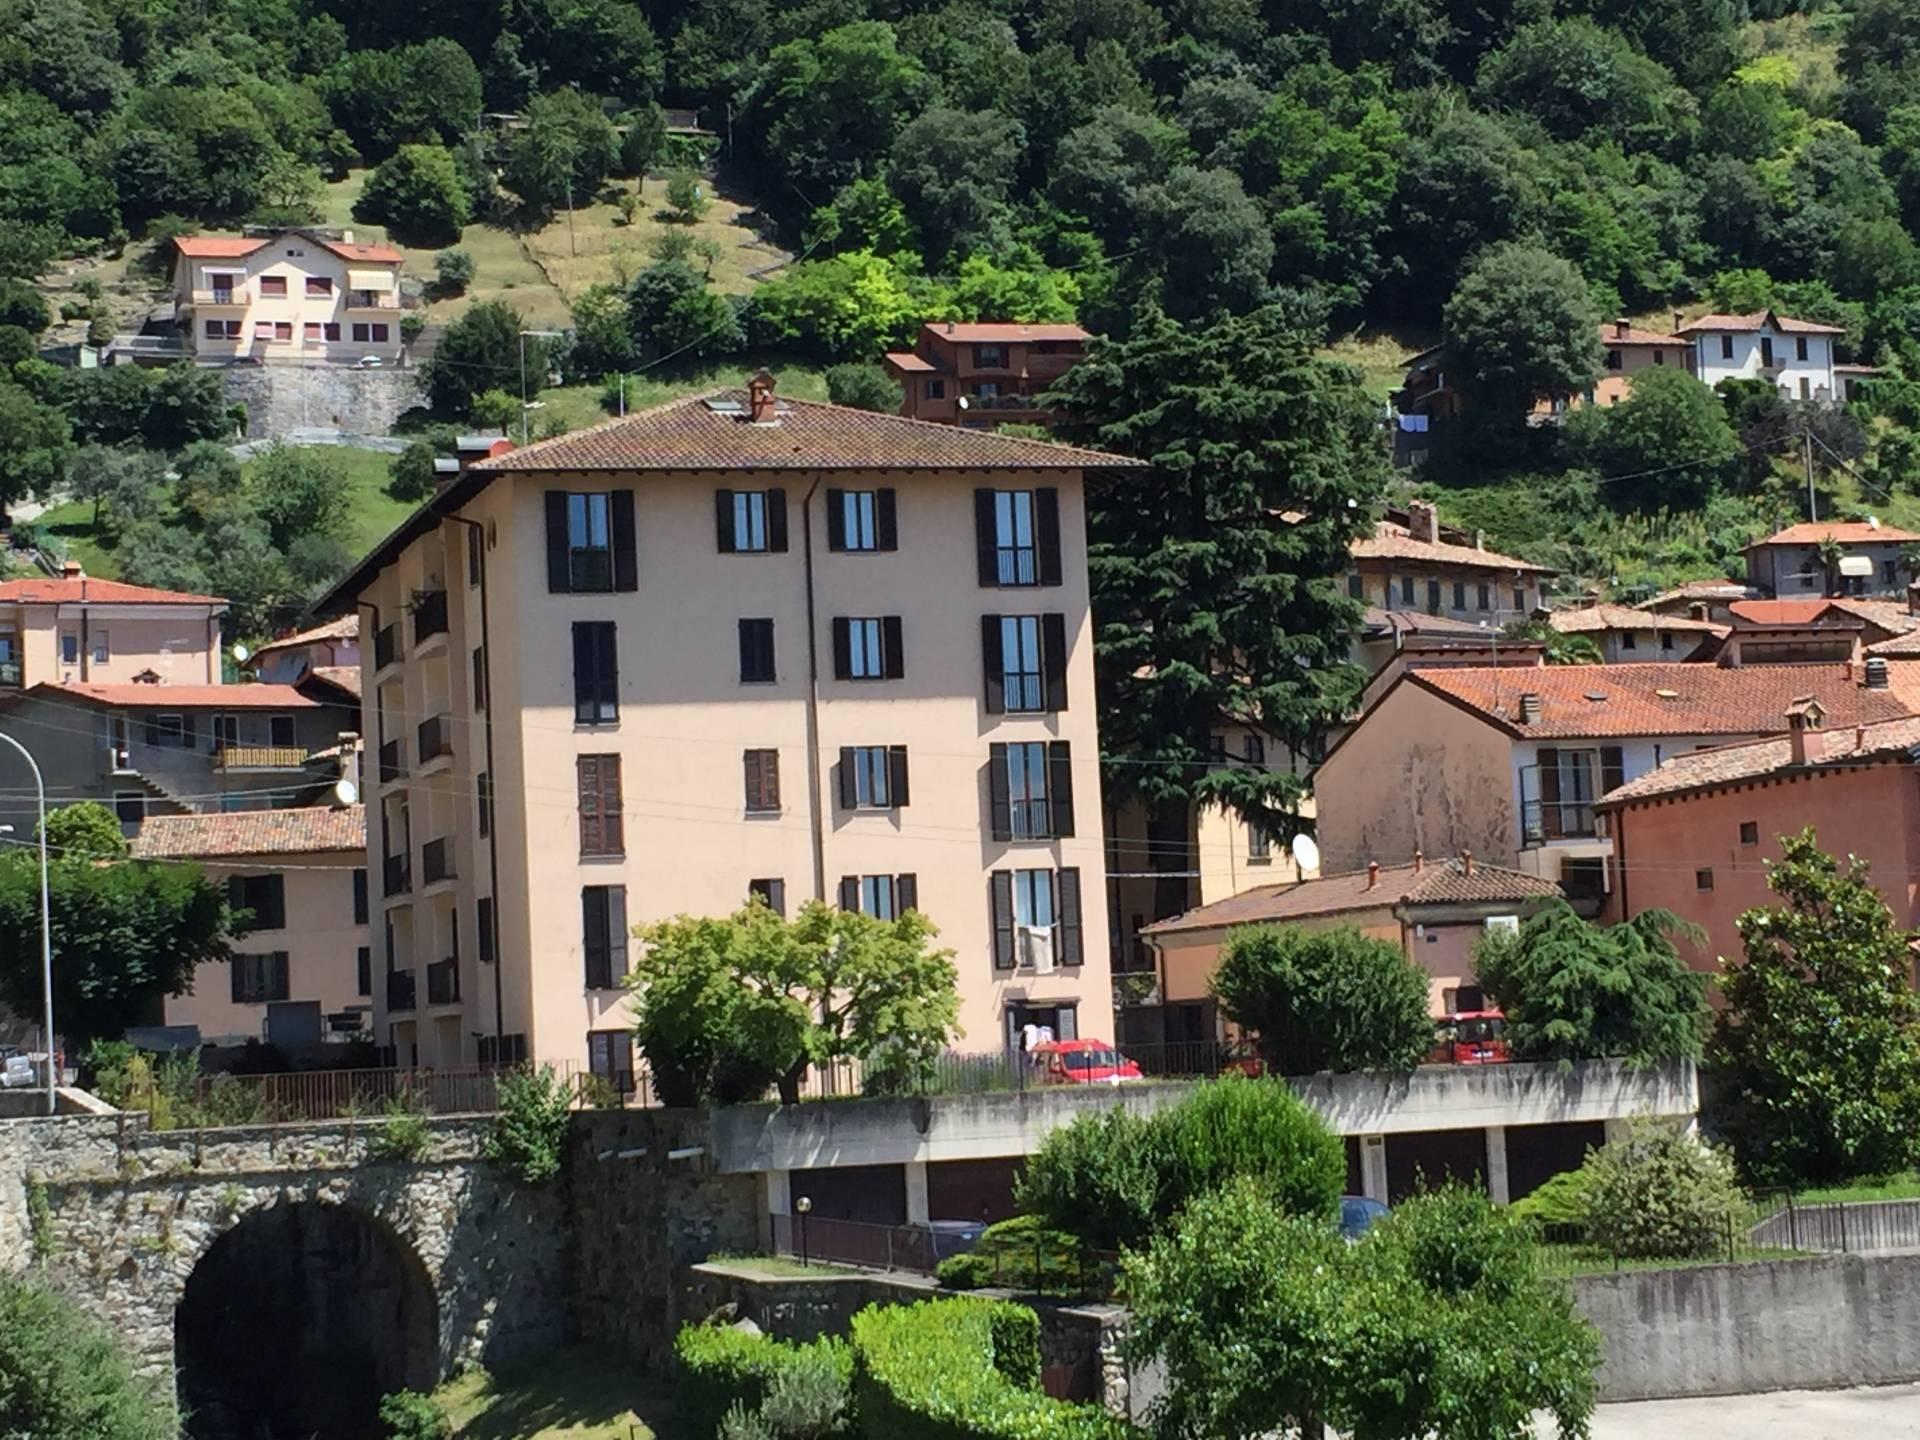 Appartamento in vendita a Caslino d'Erba, 3 locali, prezzo € 80.000   CambioCasa.it